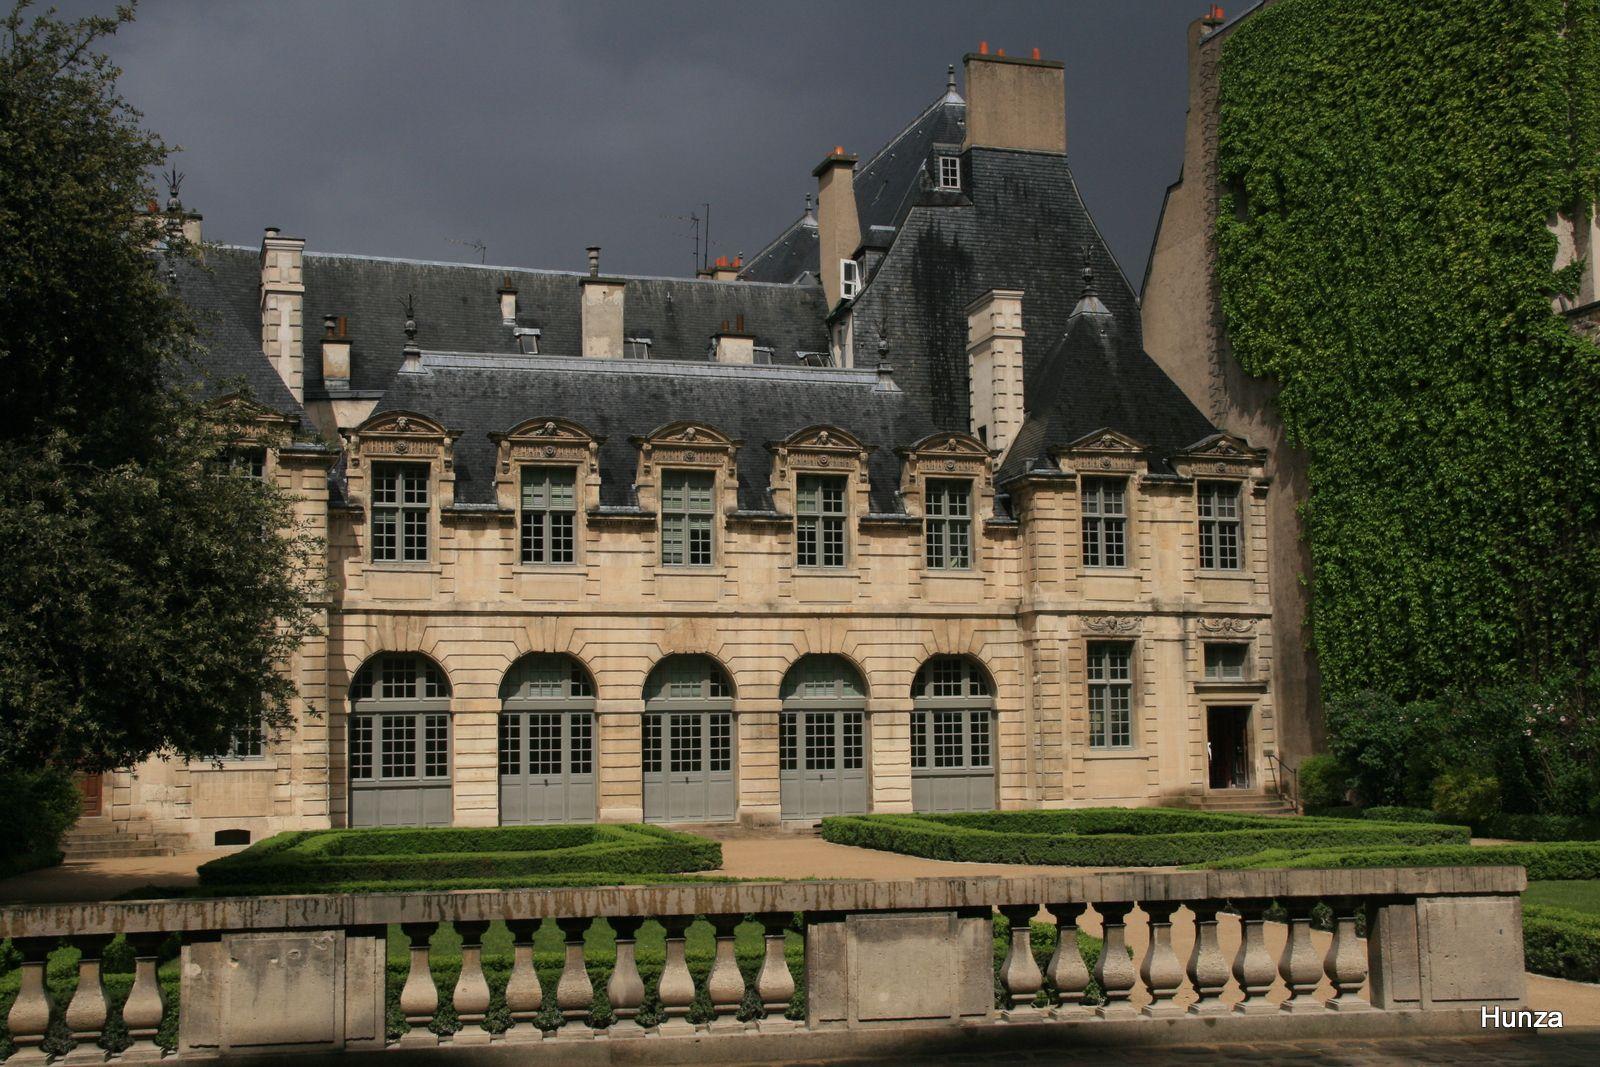 Paris, l'ancienne orangerie de l'Hôtel de Sully et le jardin à la française